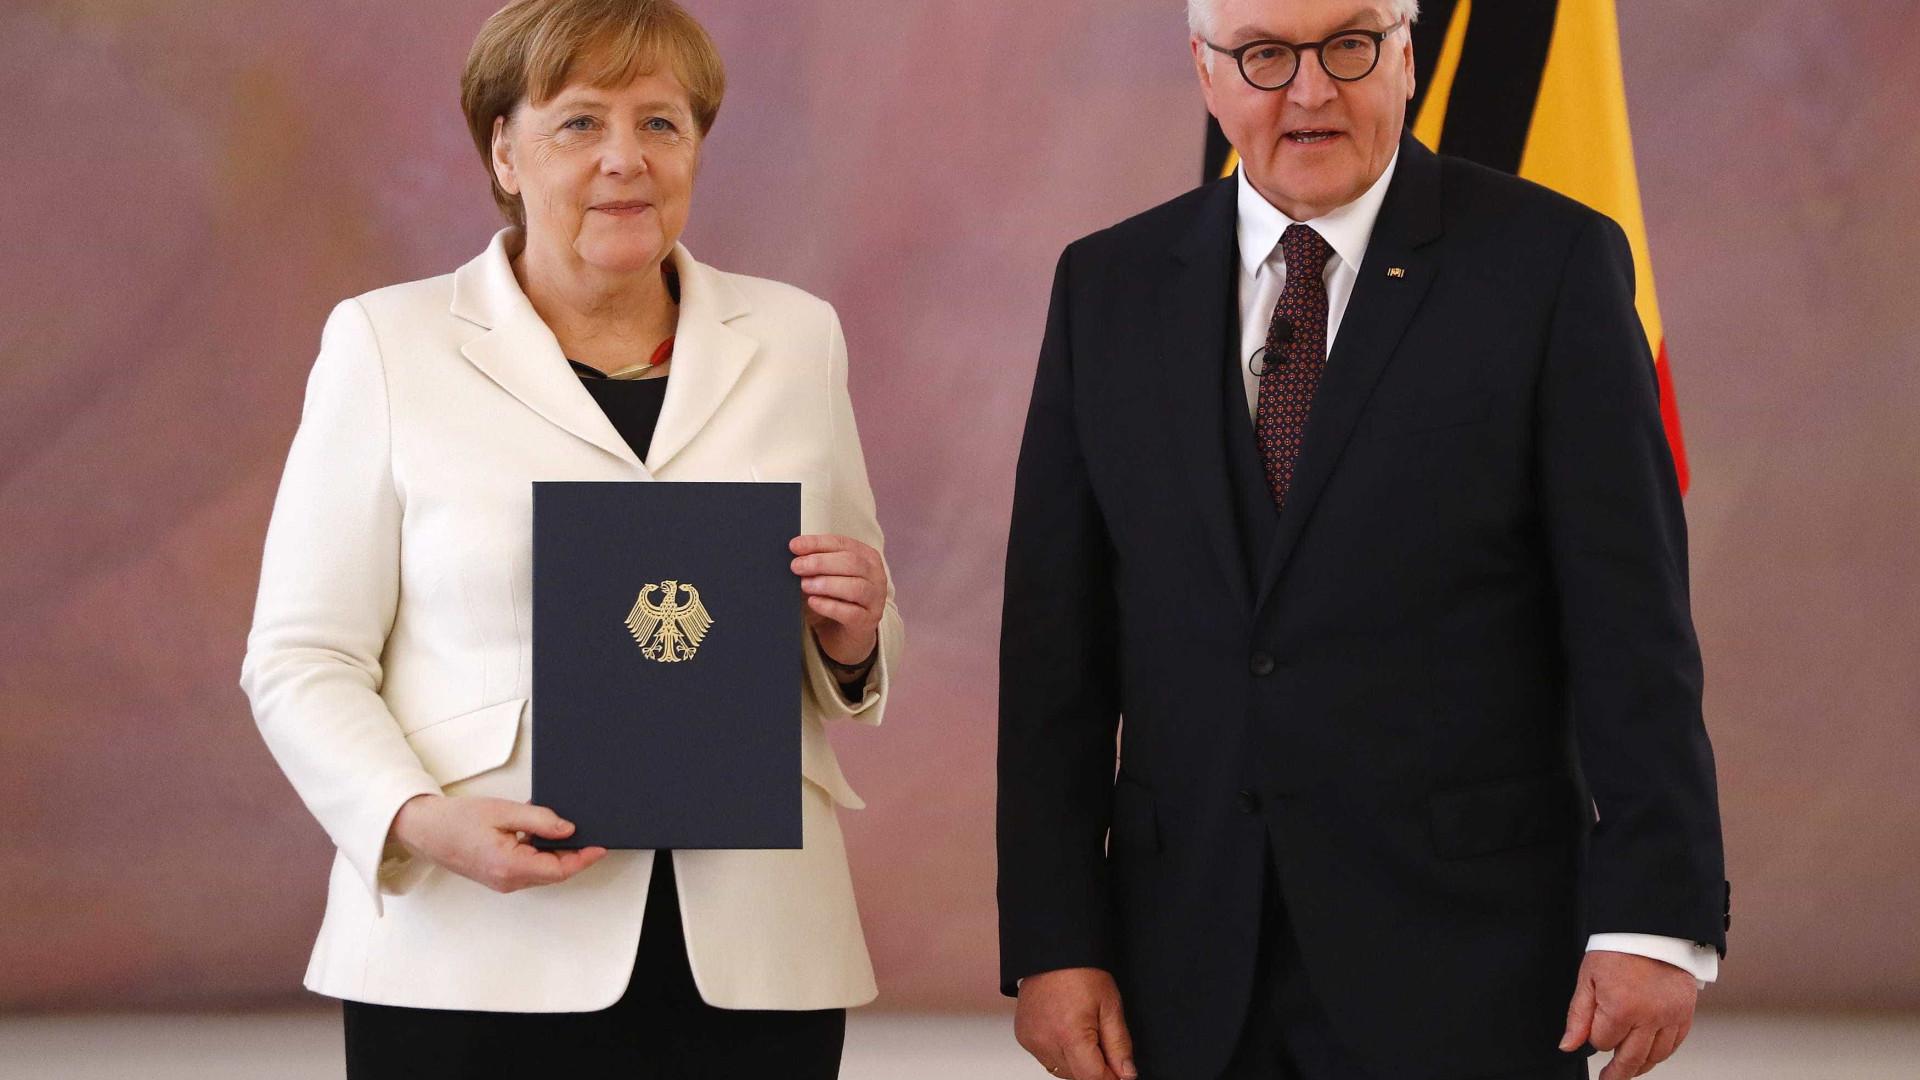 Desgastada, Merkel tem quarto mandato confirmado pelo Parlamento